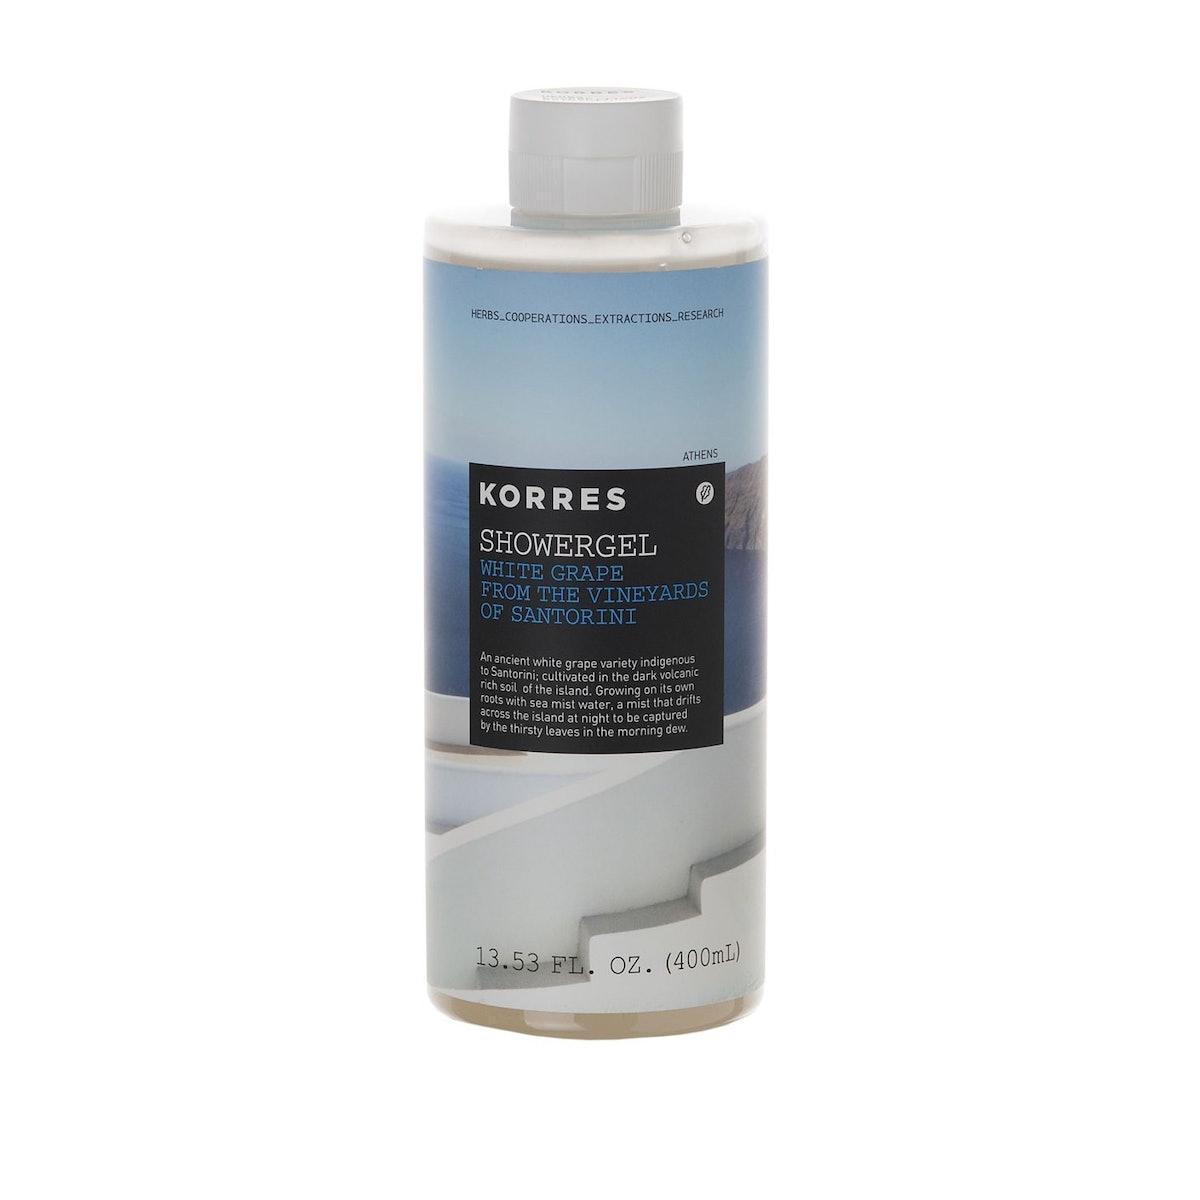 Korres White Grape Shower Gel